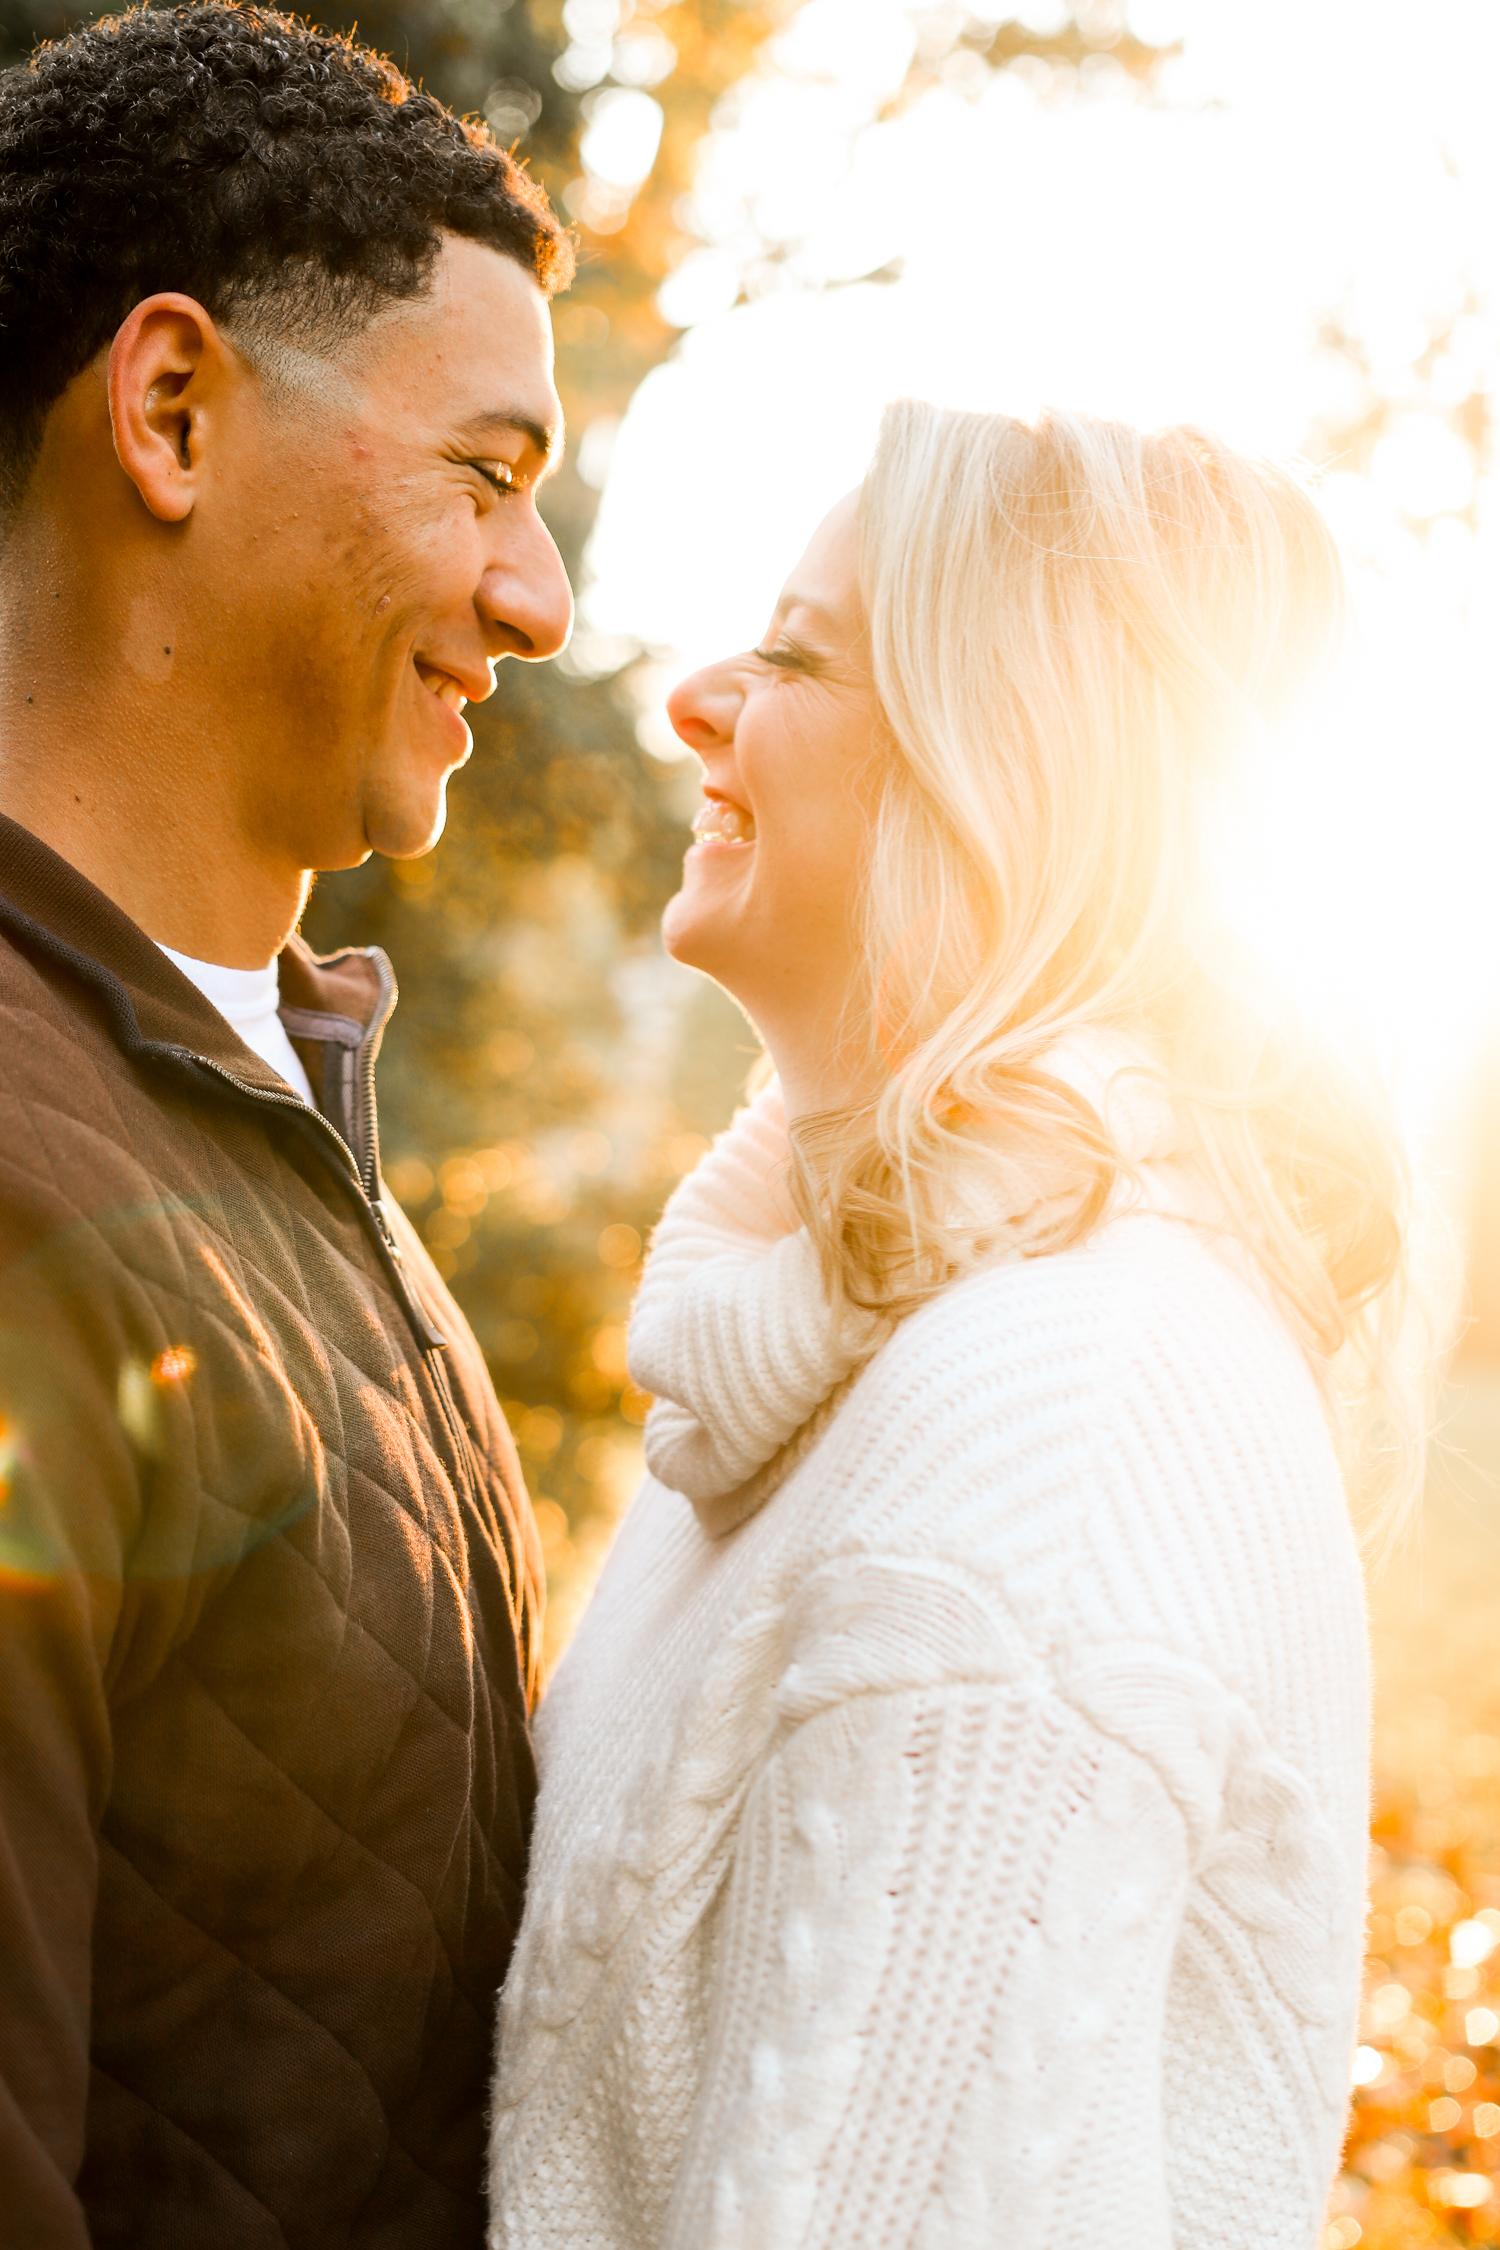 Danville-Kentucky-Morning-Fall-Autumn-Engagement-Photography-5.jpg